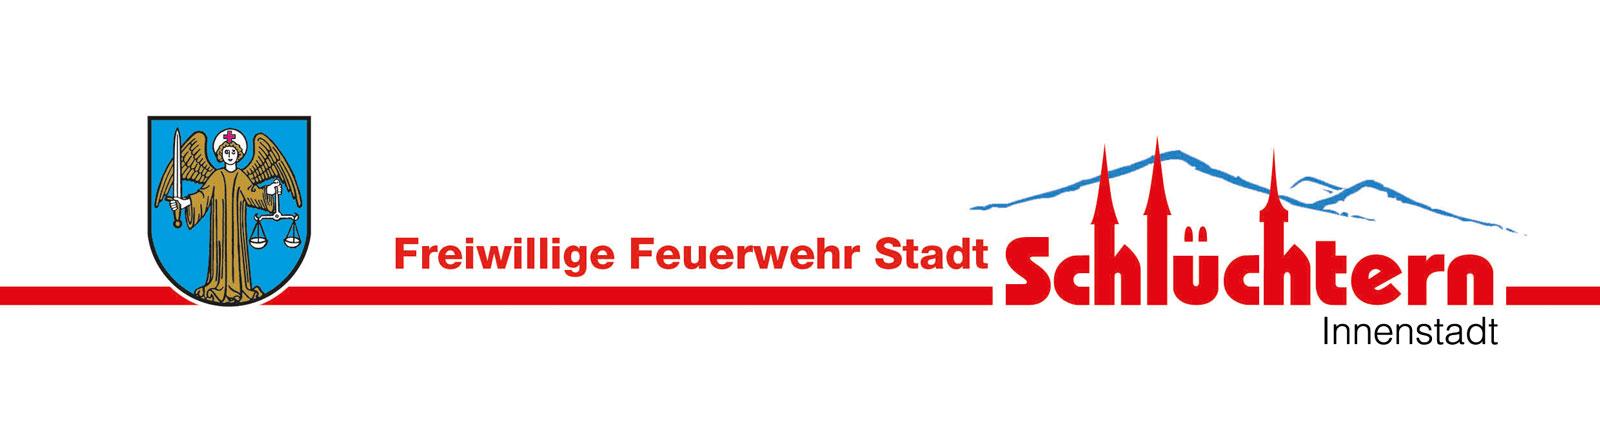 Jahreshauptversammlung der Freiwilligen Feuerwehr Schlüchtern-Innenstadt abgesagt